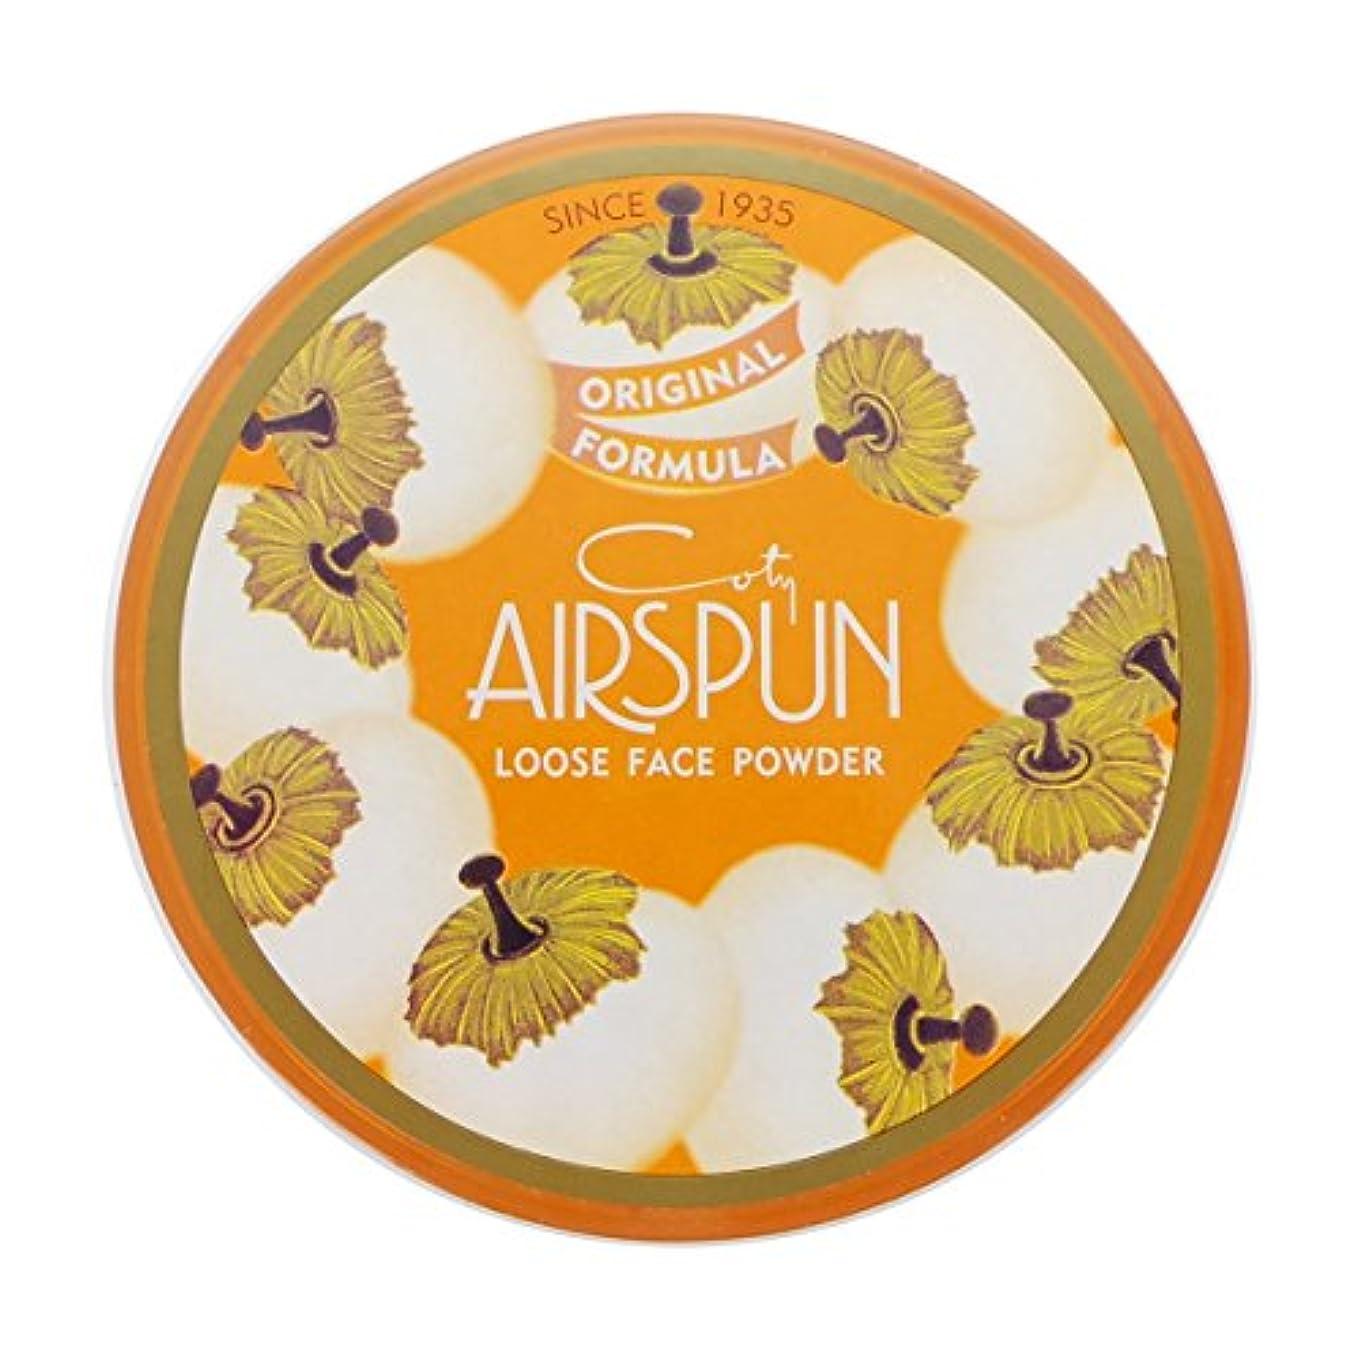 解任とんでもない肉屋COTY Airspun Loose Face Powder - Translucent Extra Coverage (並行輸入品)